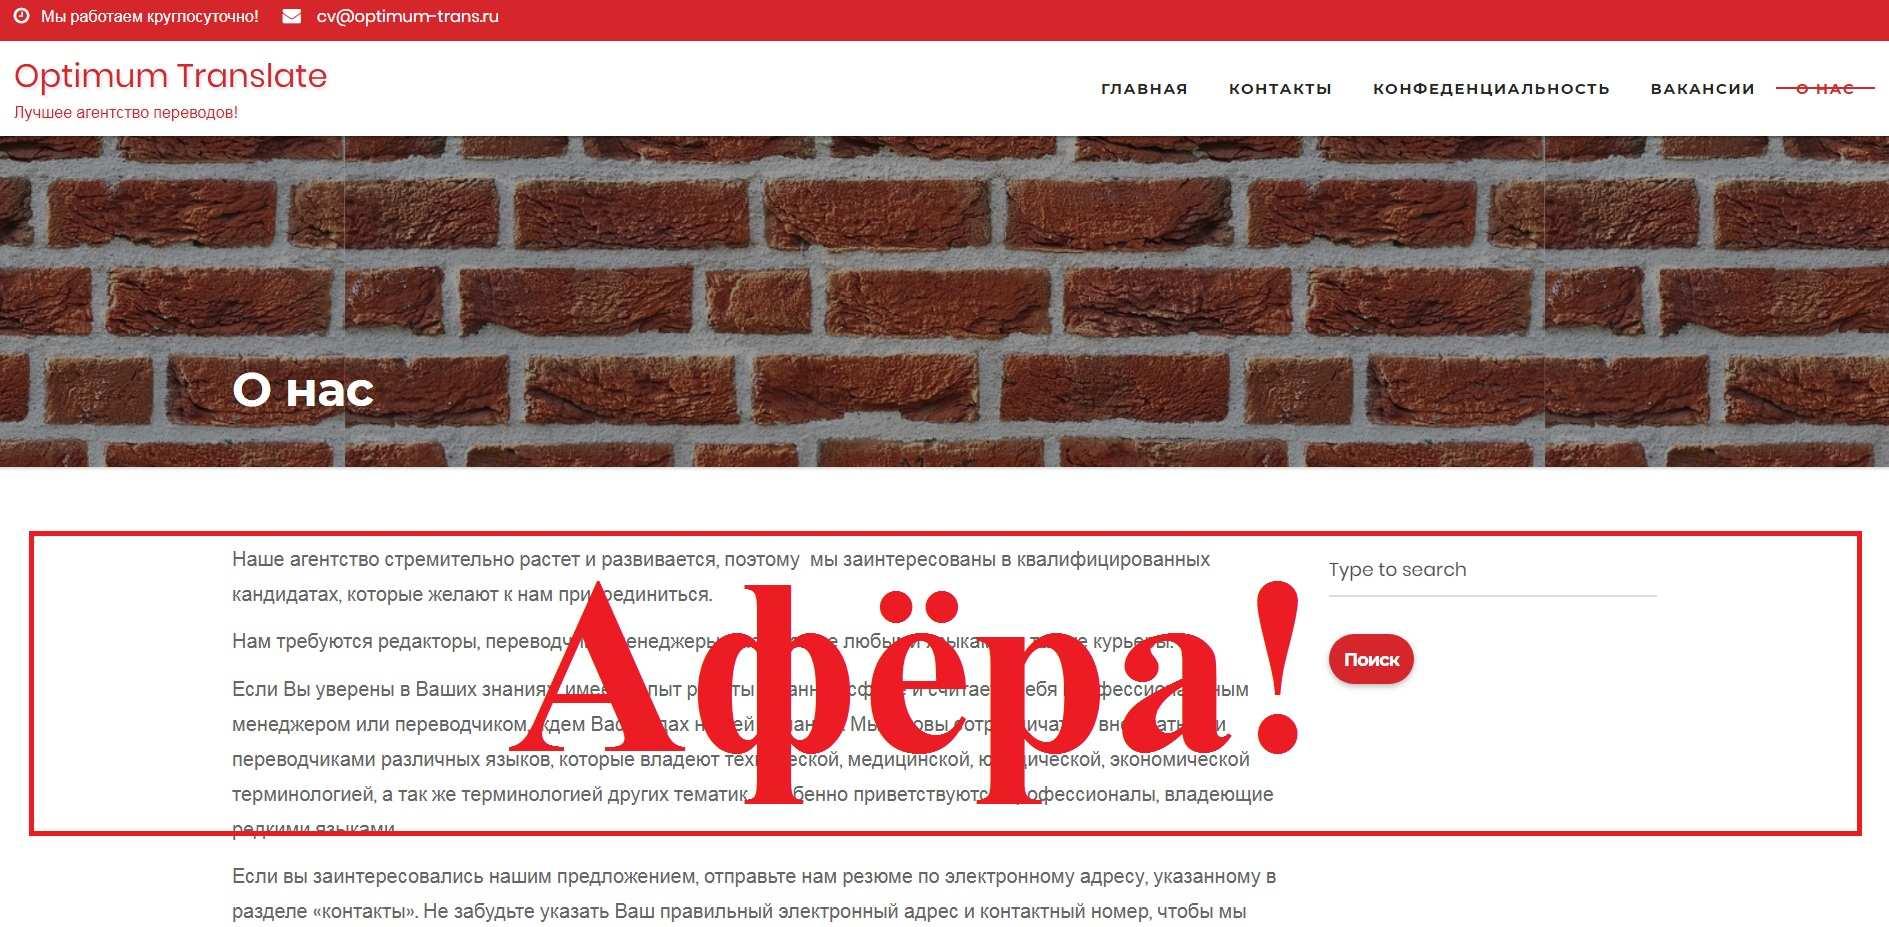 Отзывы о Optimum Translate – липовое агентство переводов